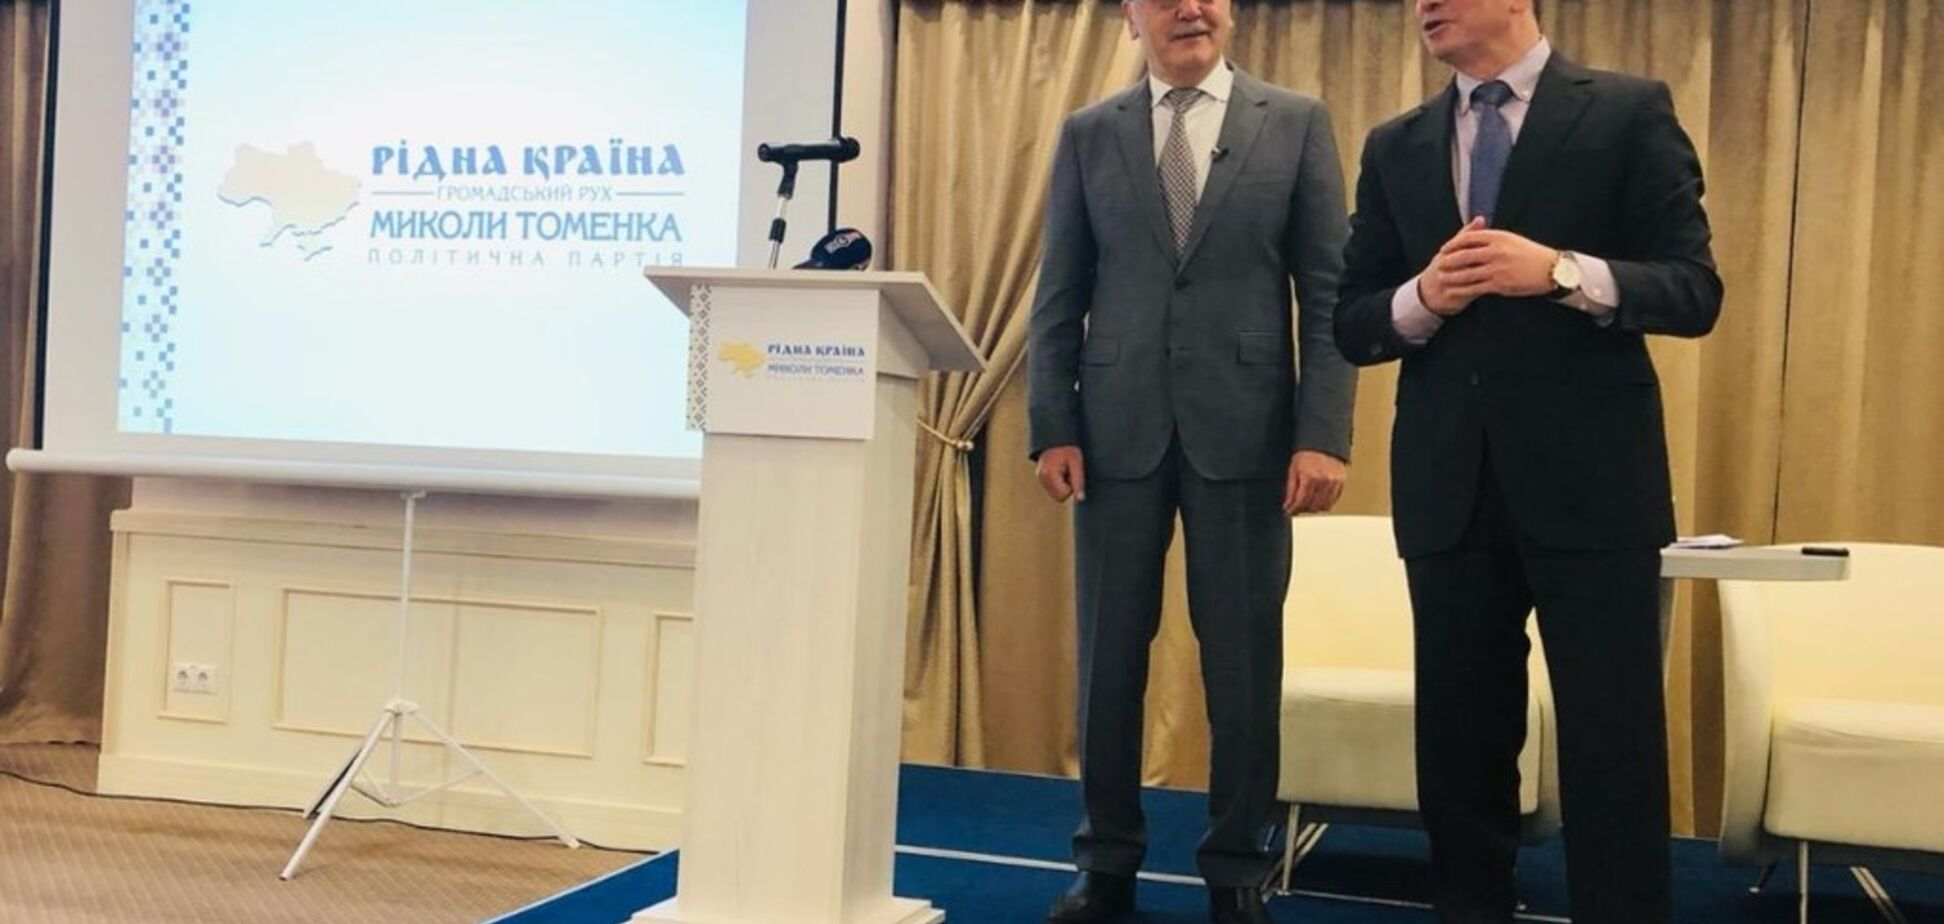 'Родная страна' поддержала Гриценко как единого кандидата от демоппозиции